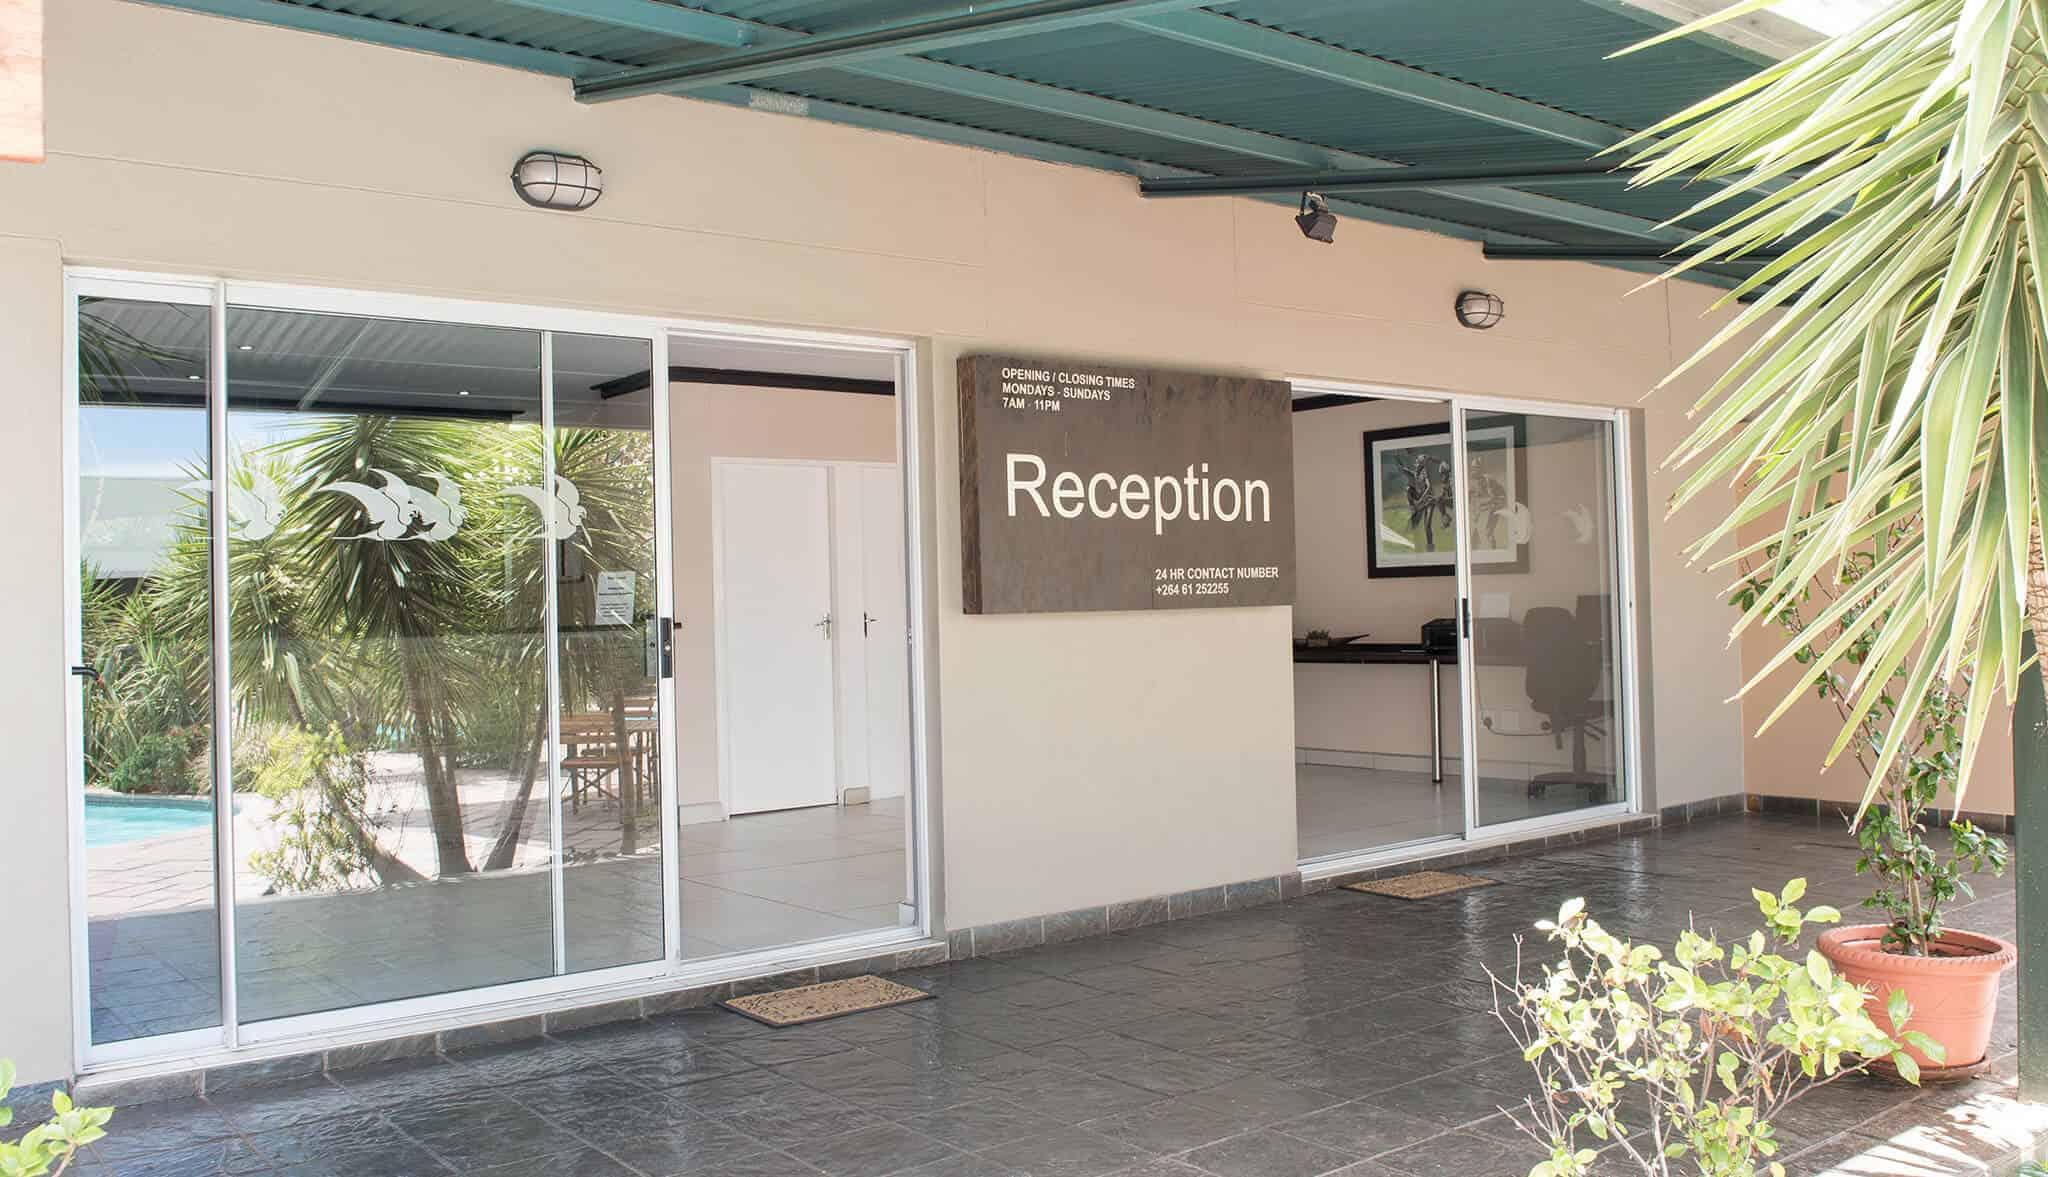 Arebbusch - Reception